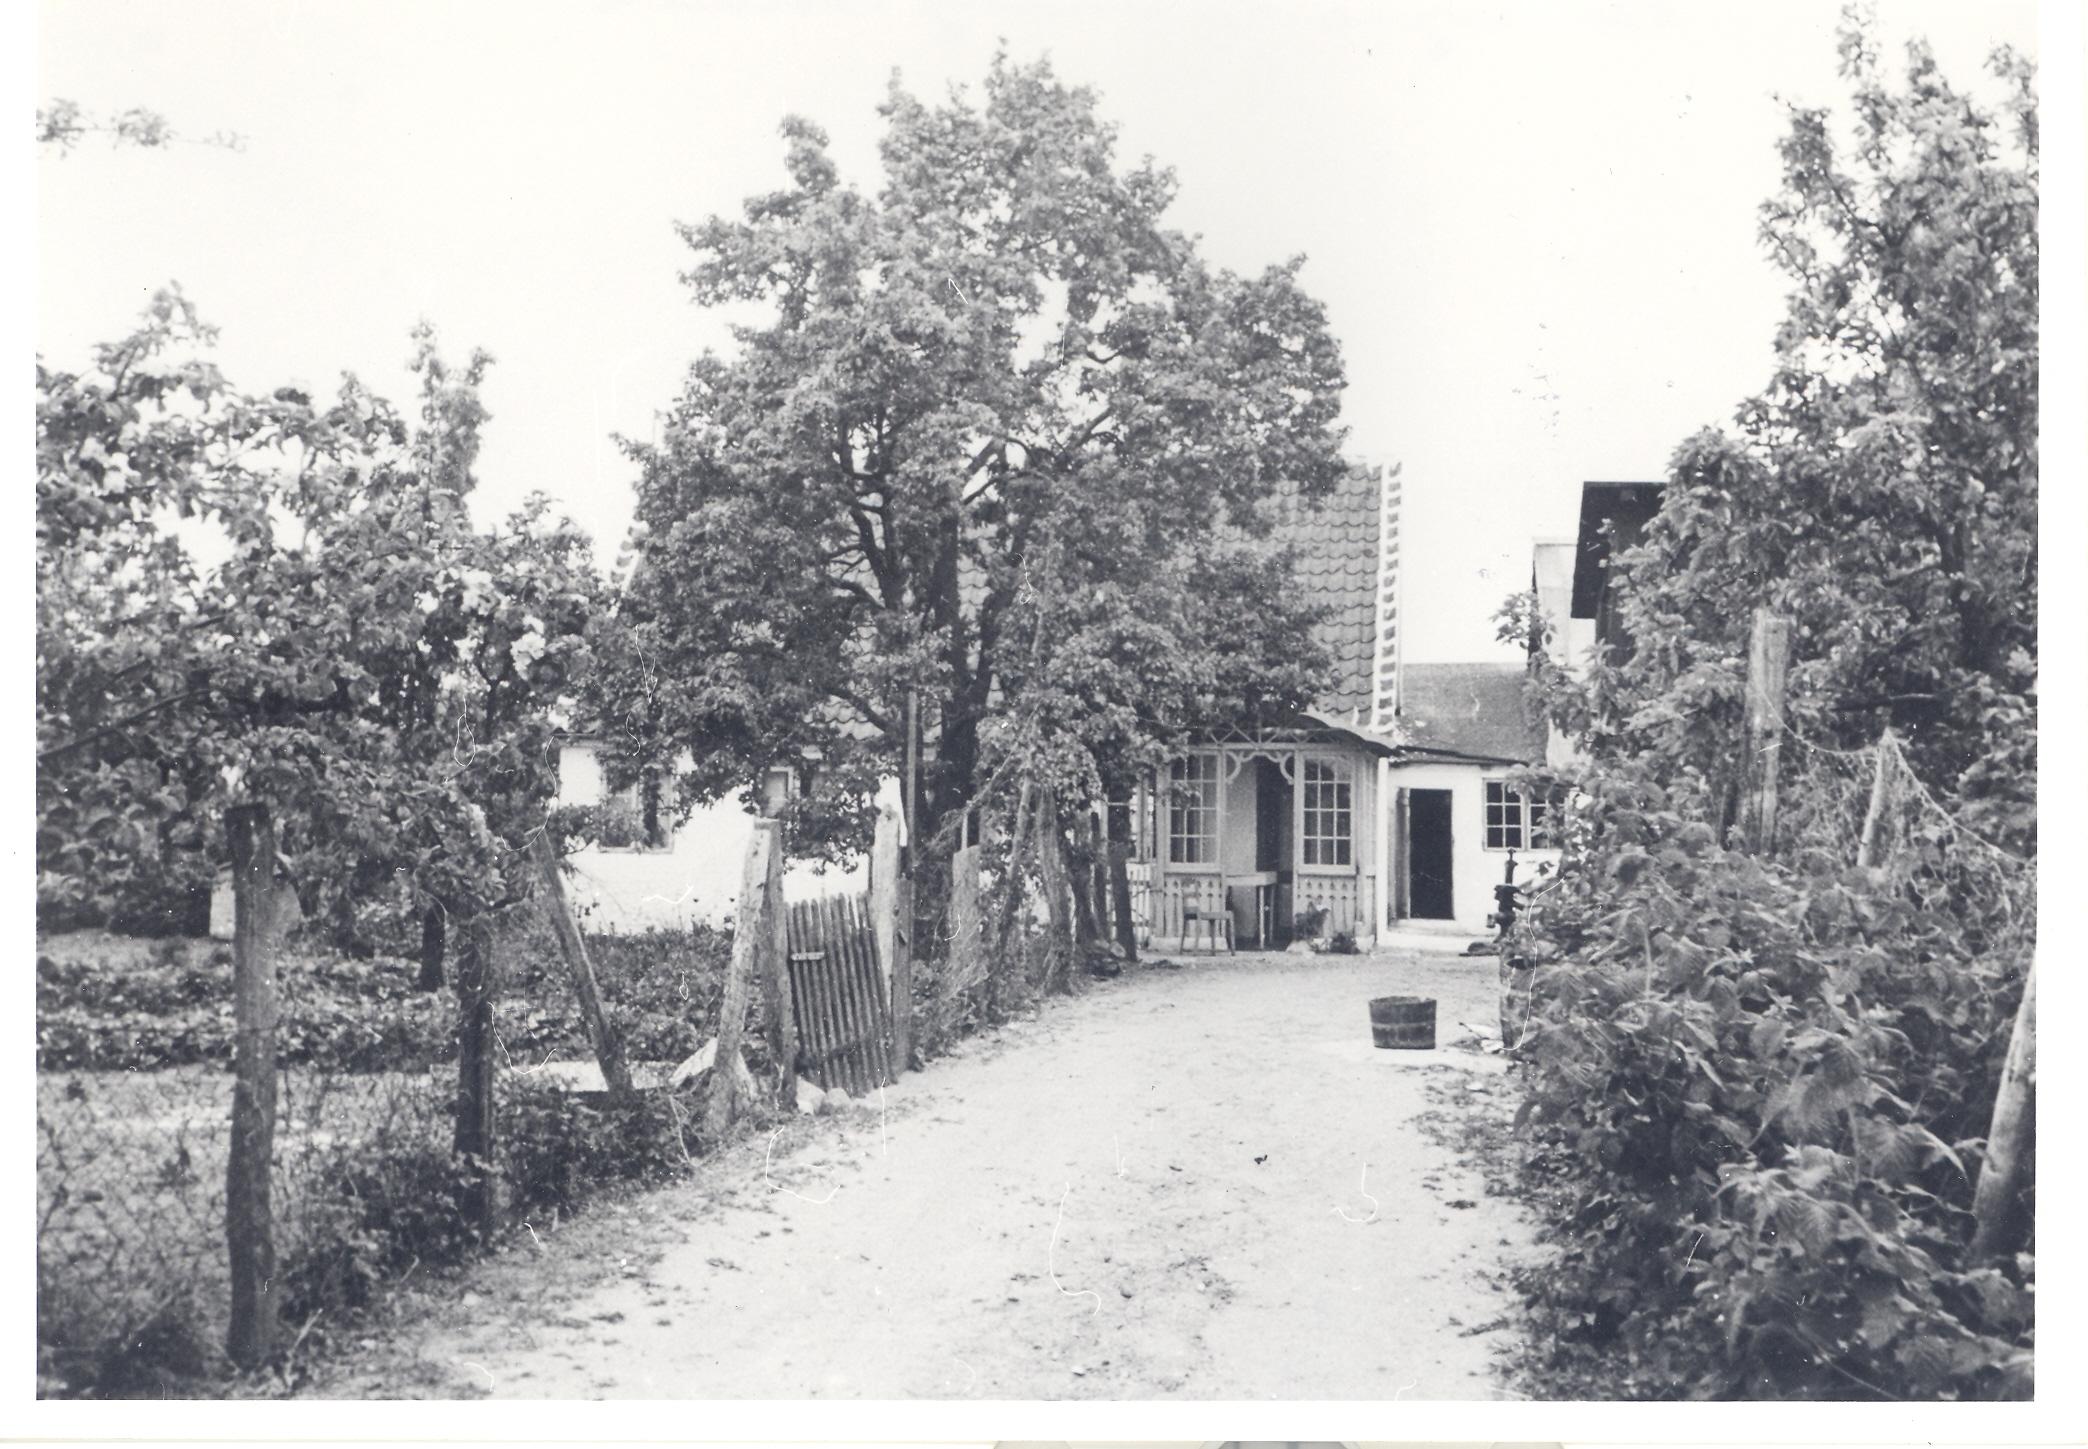 Frederik Rudolf Andreas Petersen og Hansine Marie Nielsens hus i Østerby på Fejø, cirka 1933